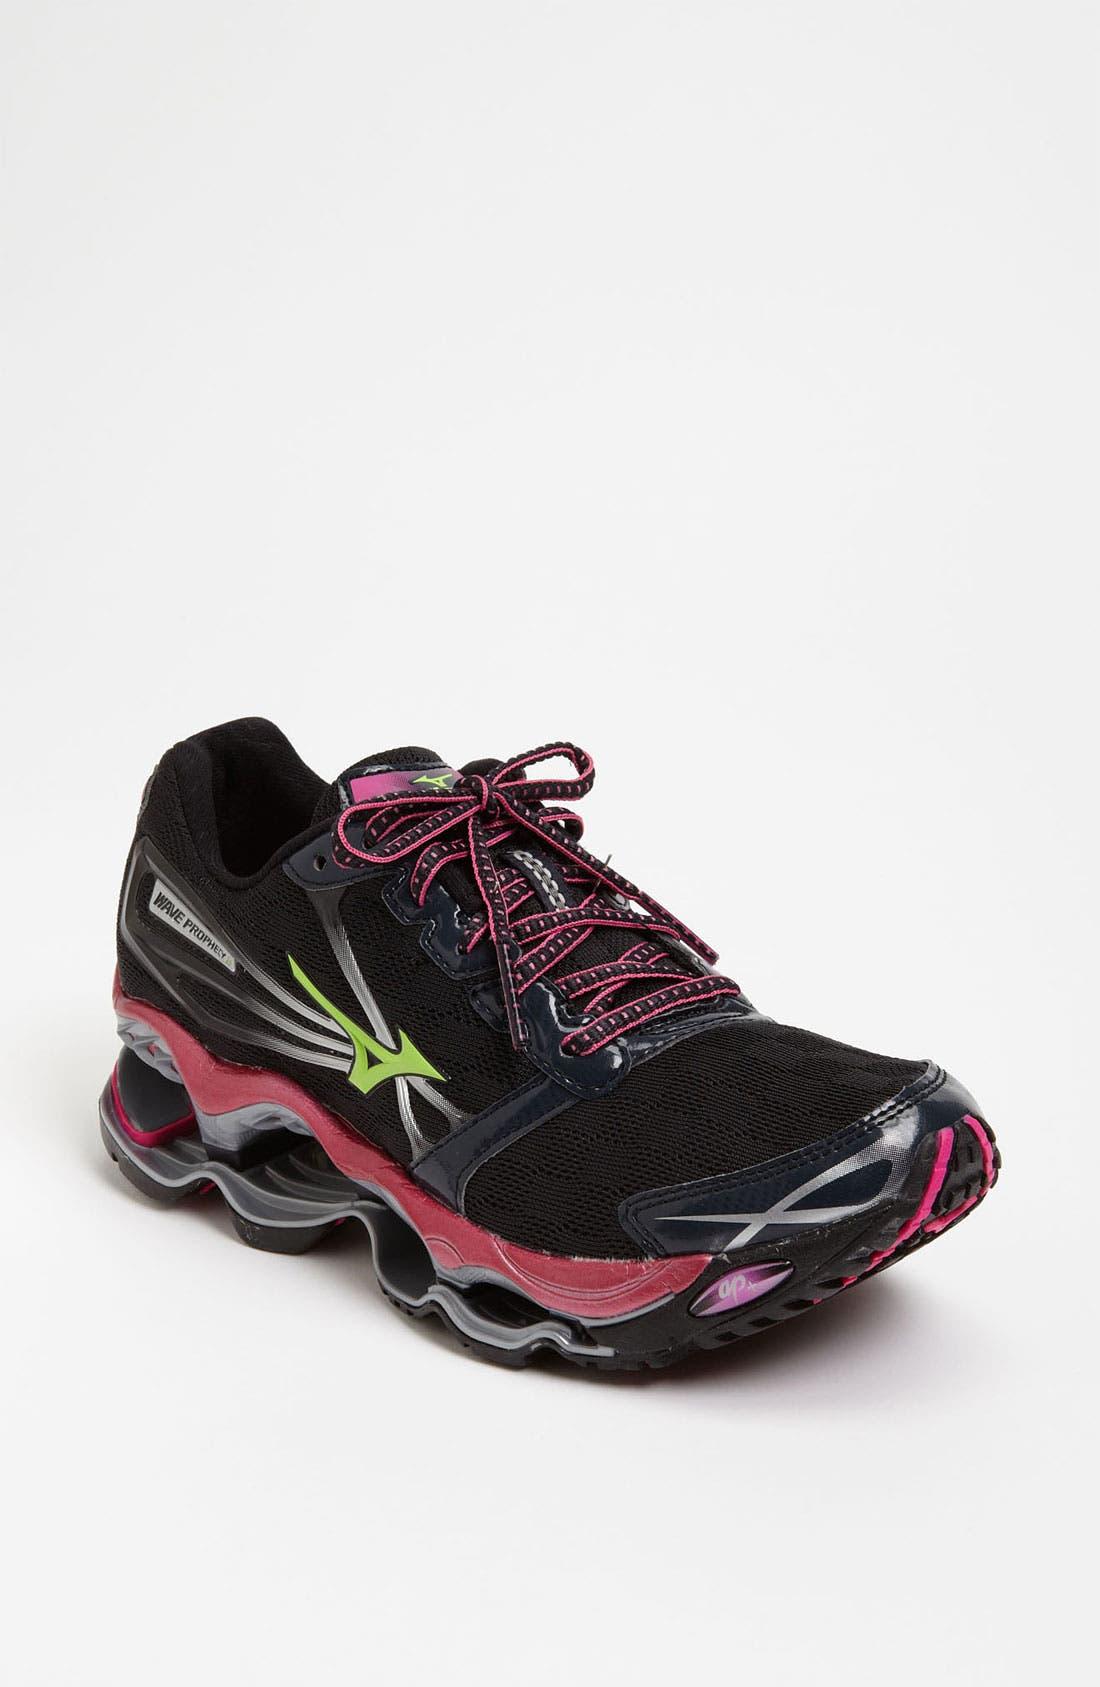 Main Image - Mizuno 'Wave Prophecy 2' Running Shoe (Women)